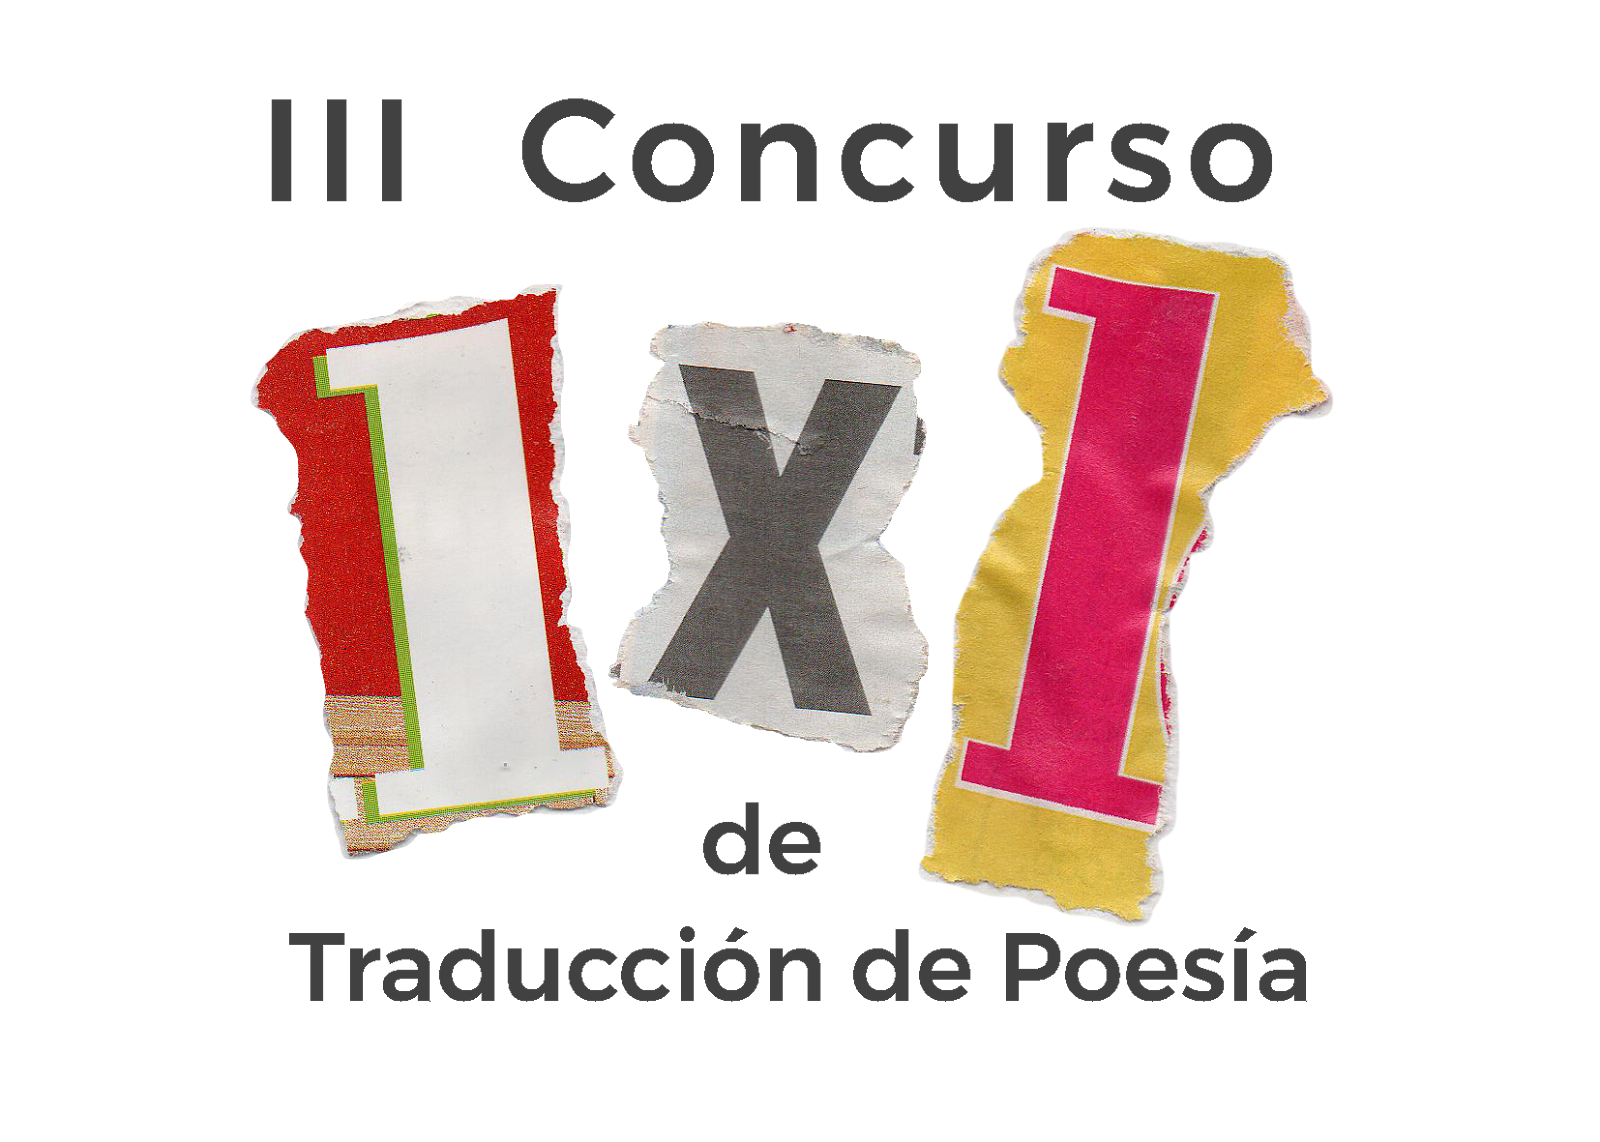 Concurso 1x1